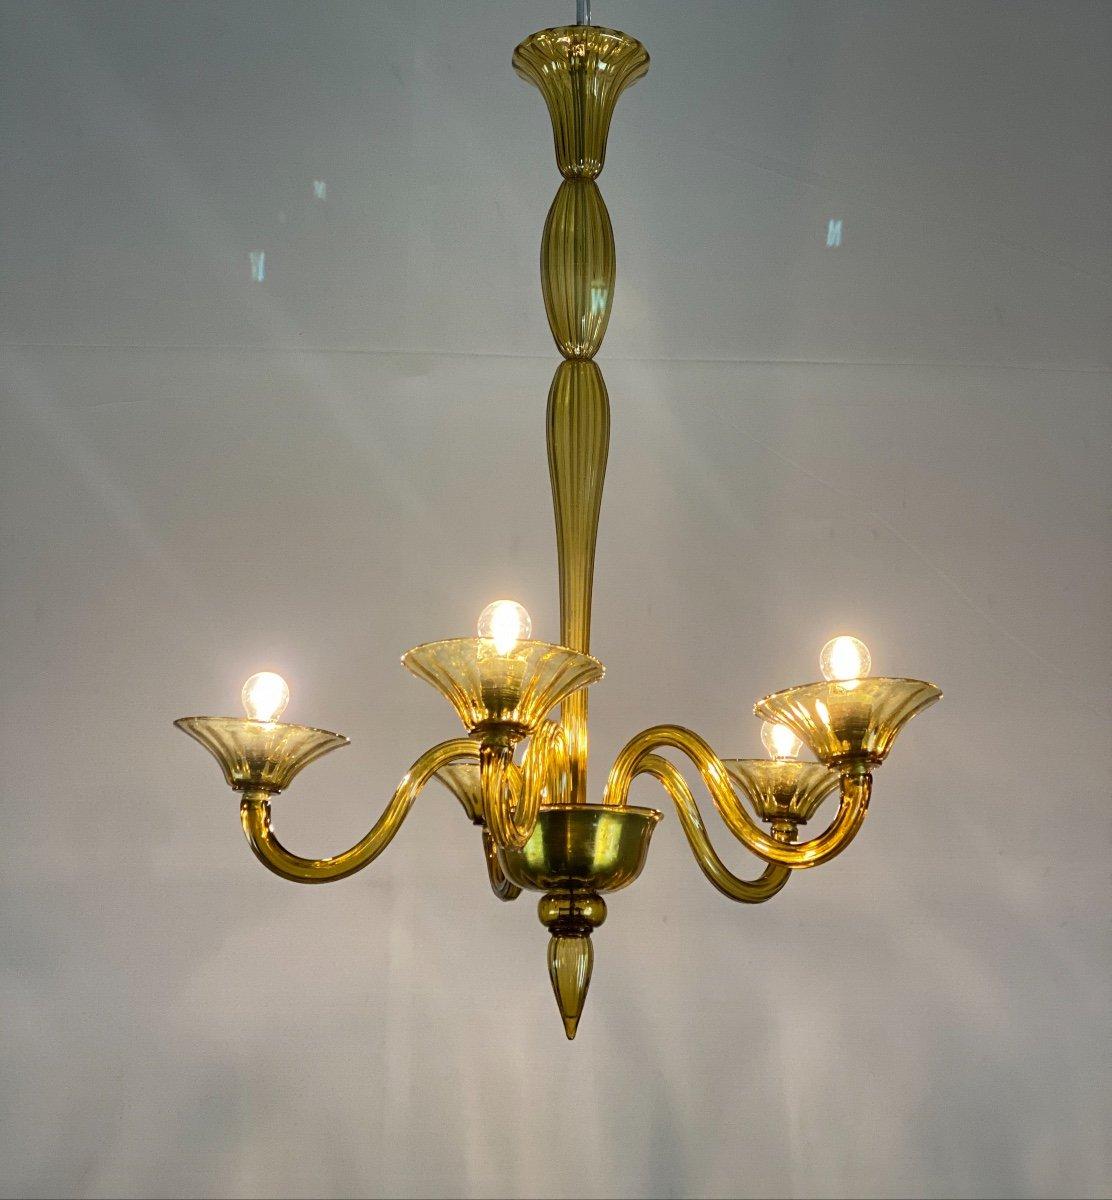 Lustre Vénitien En Verre De Murano De Couleur Jaune Ambre, 5 Bras De Lumière